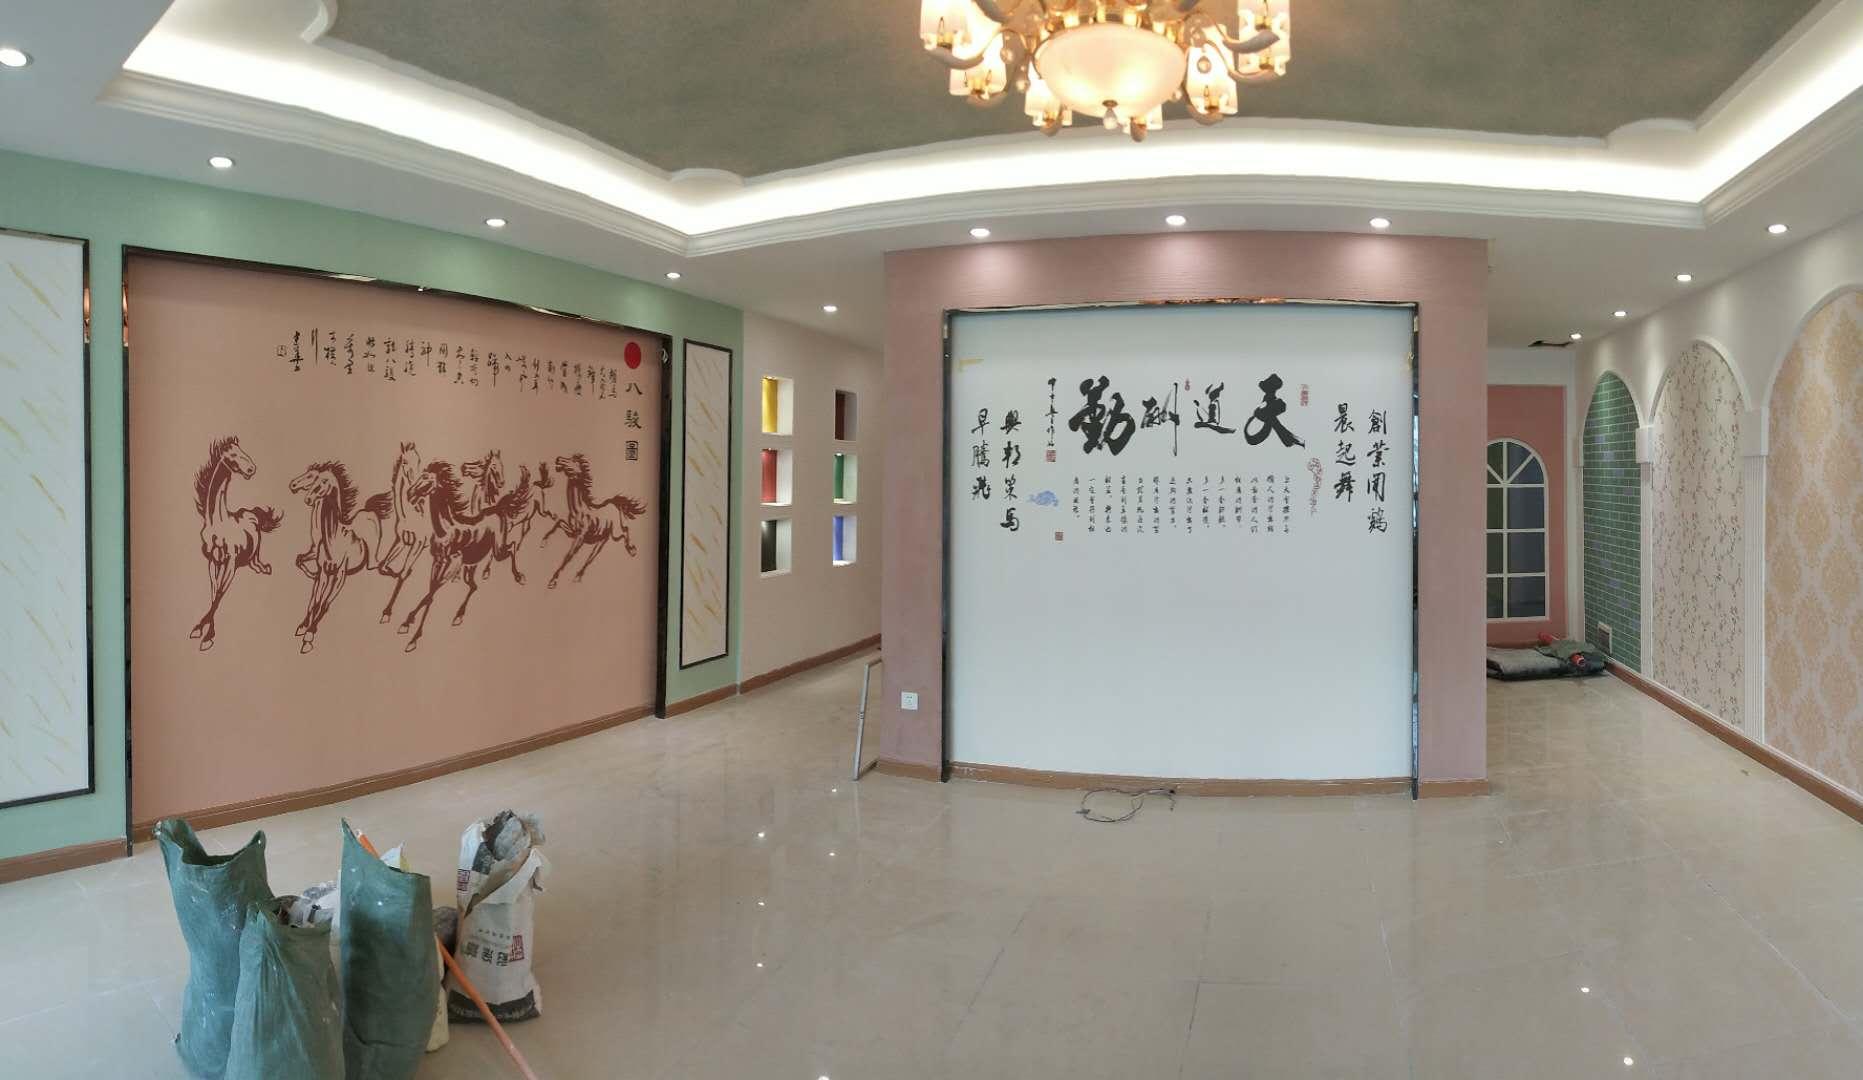 彩涂釉惠州店展厅.jpg